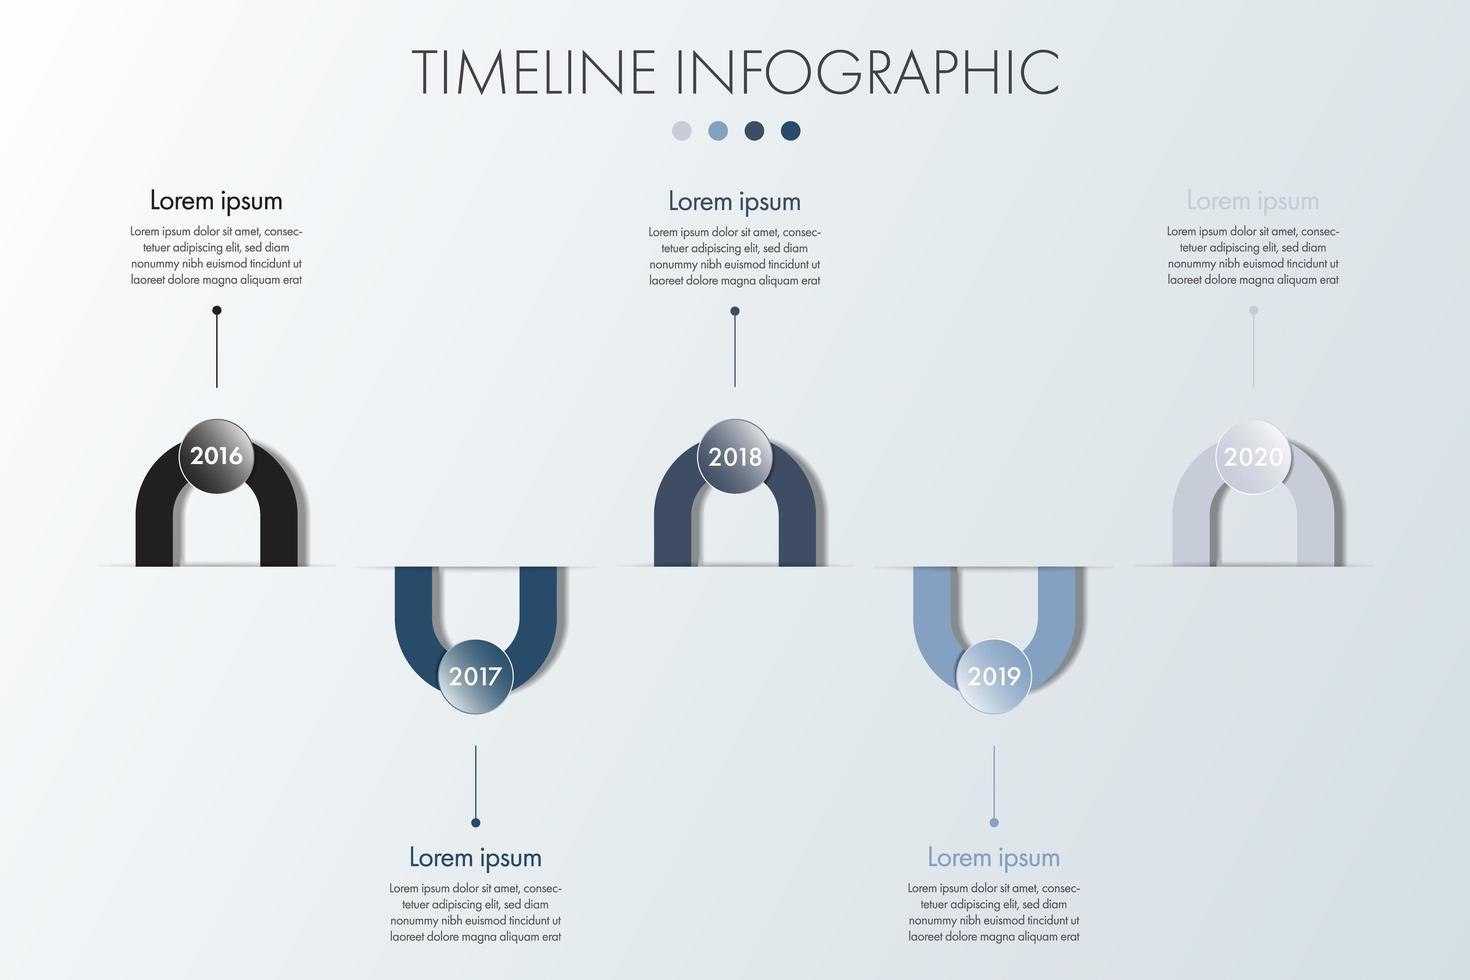 einfache monochrome Infografik-Vorlage der Zeitleiste vektor